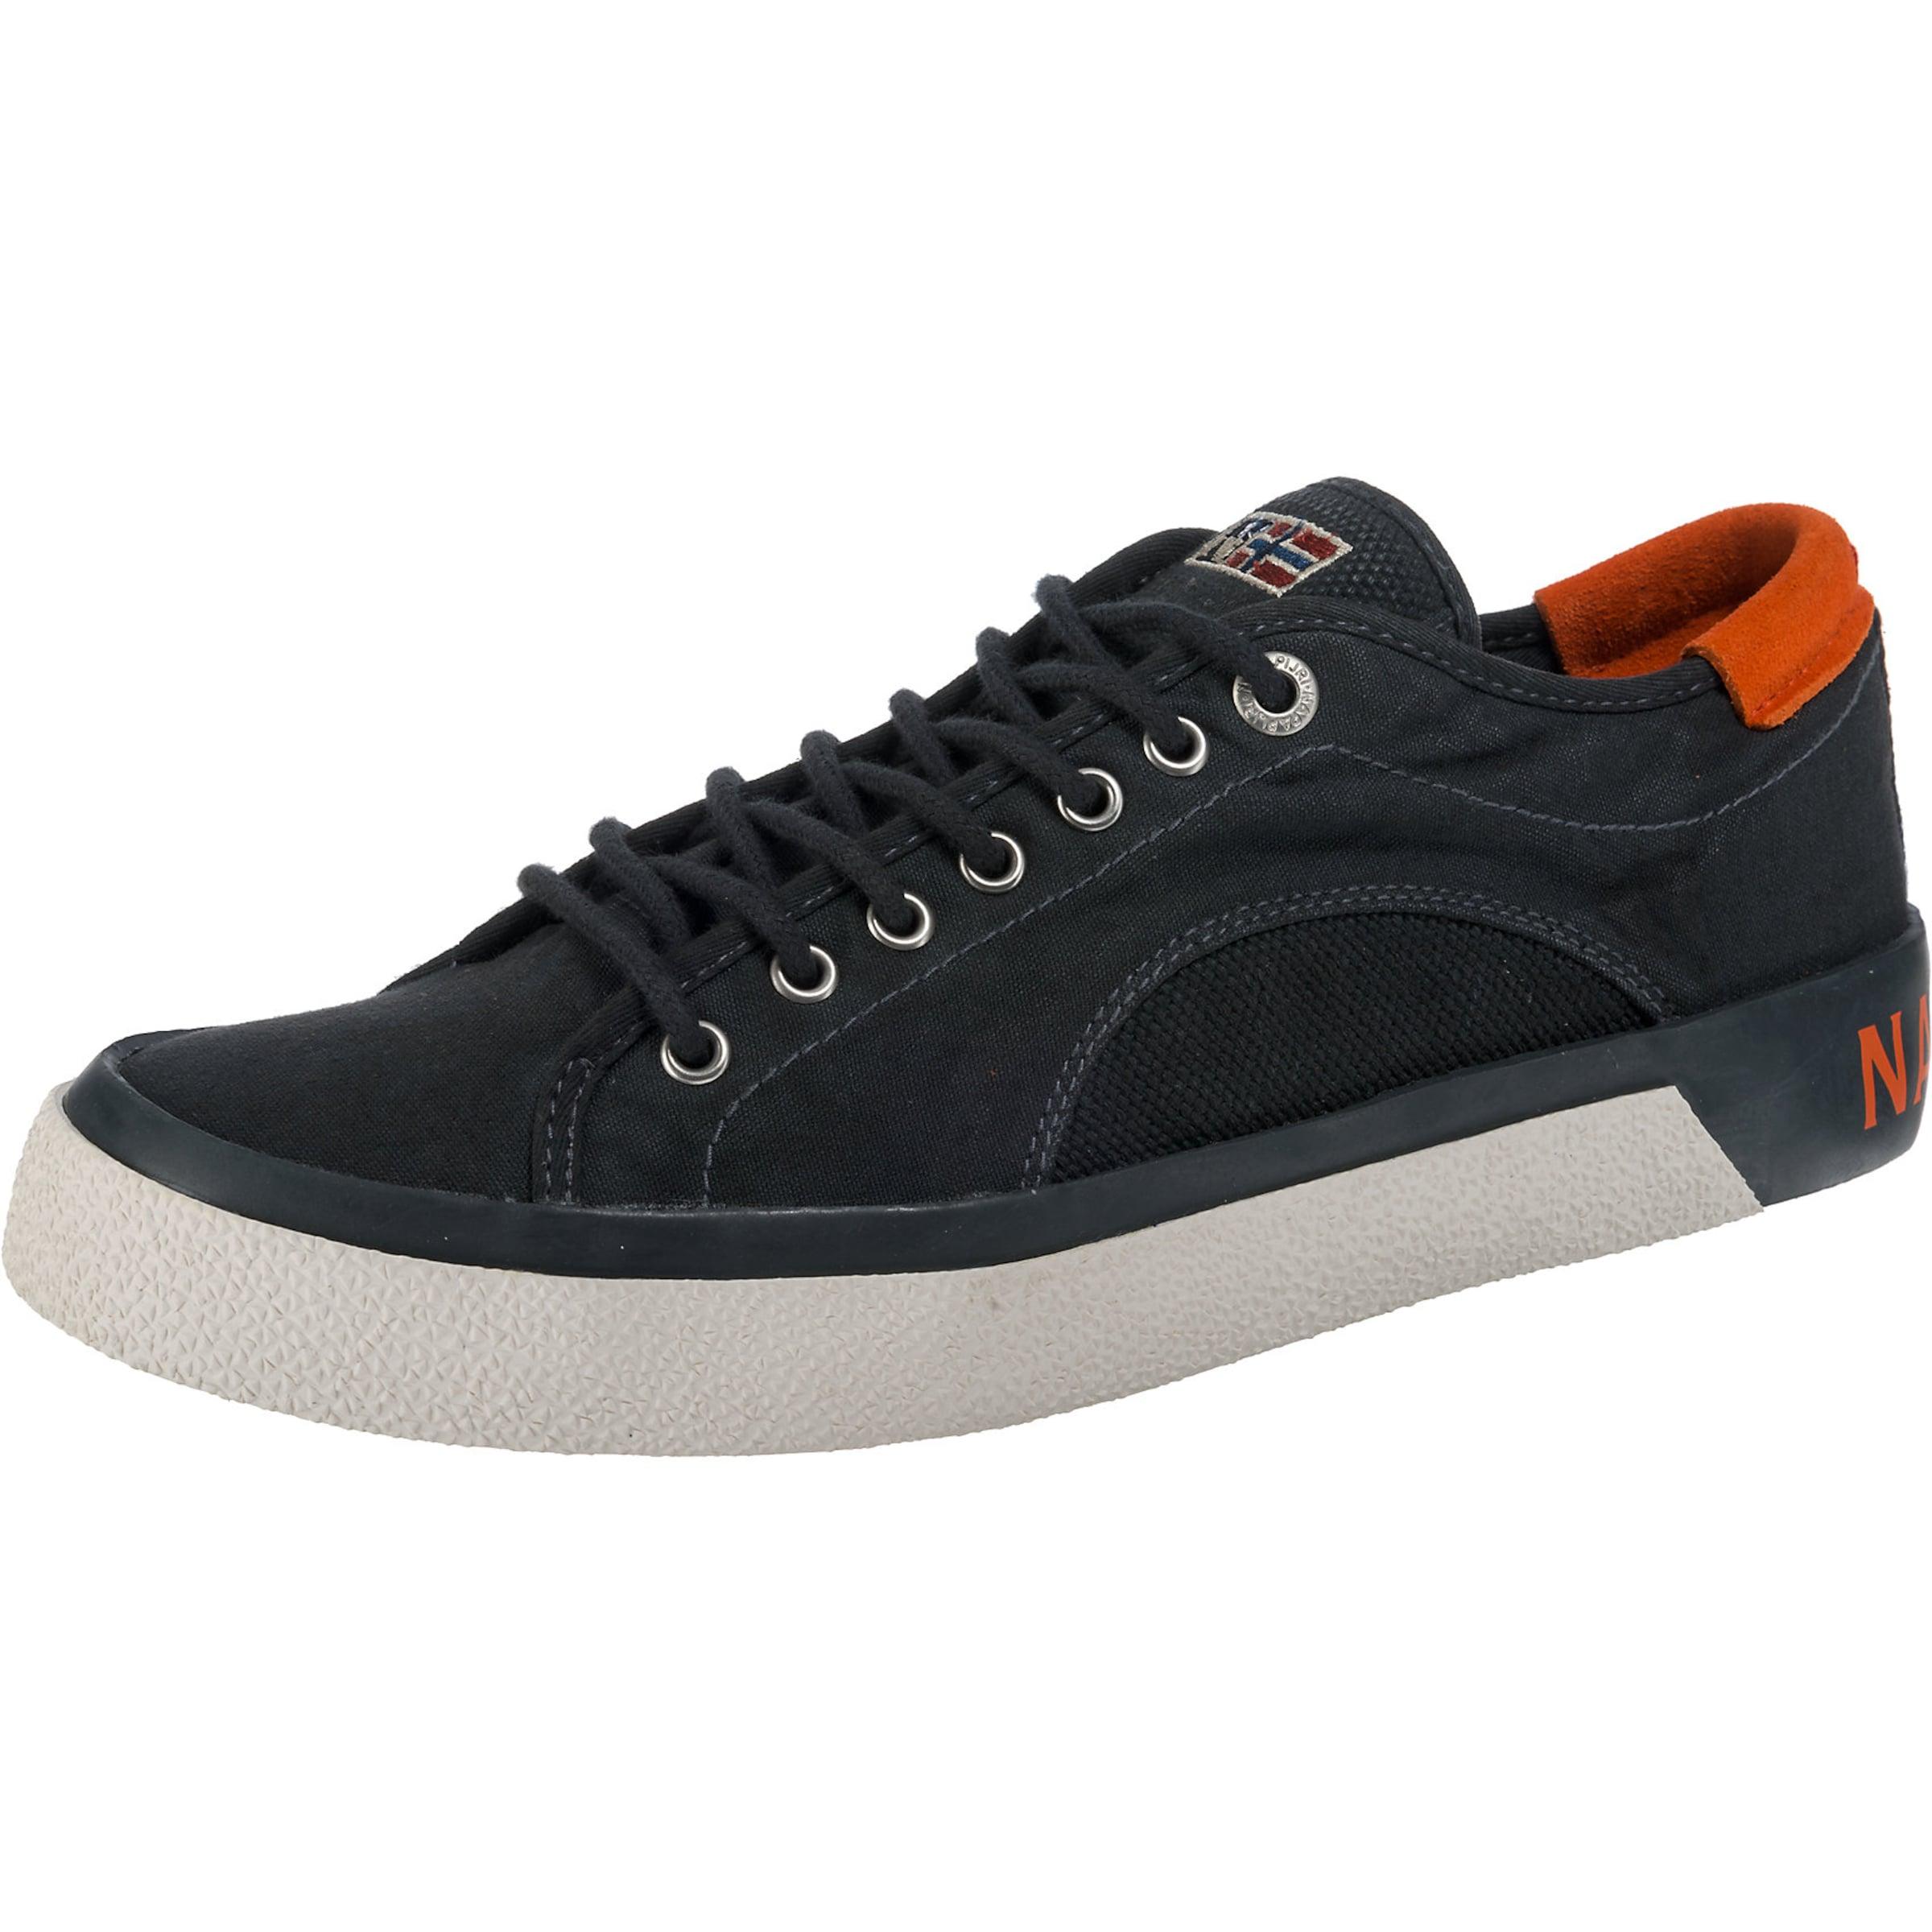 NAPAPIJRI Sneaker Jakob Verschleißfeste billige Schuhe